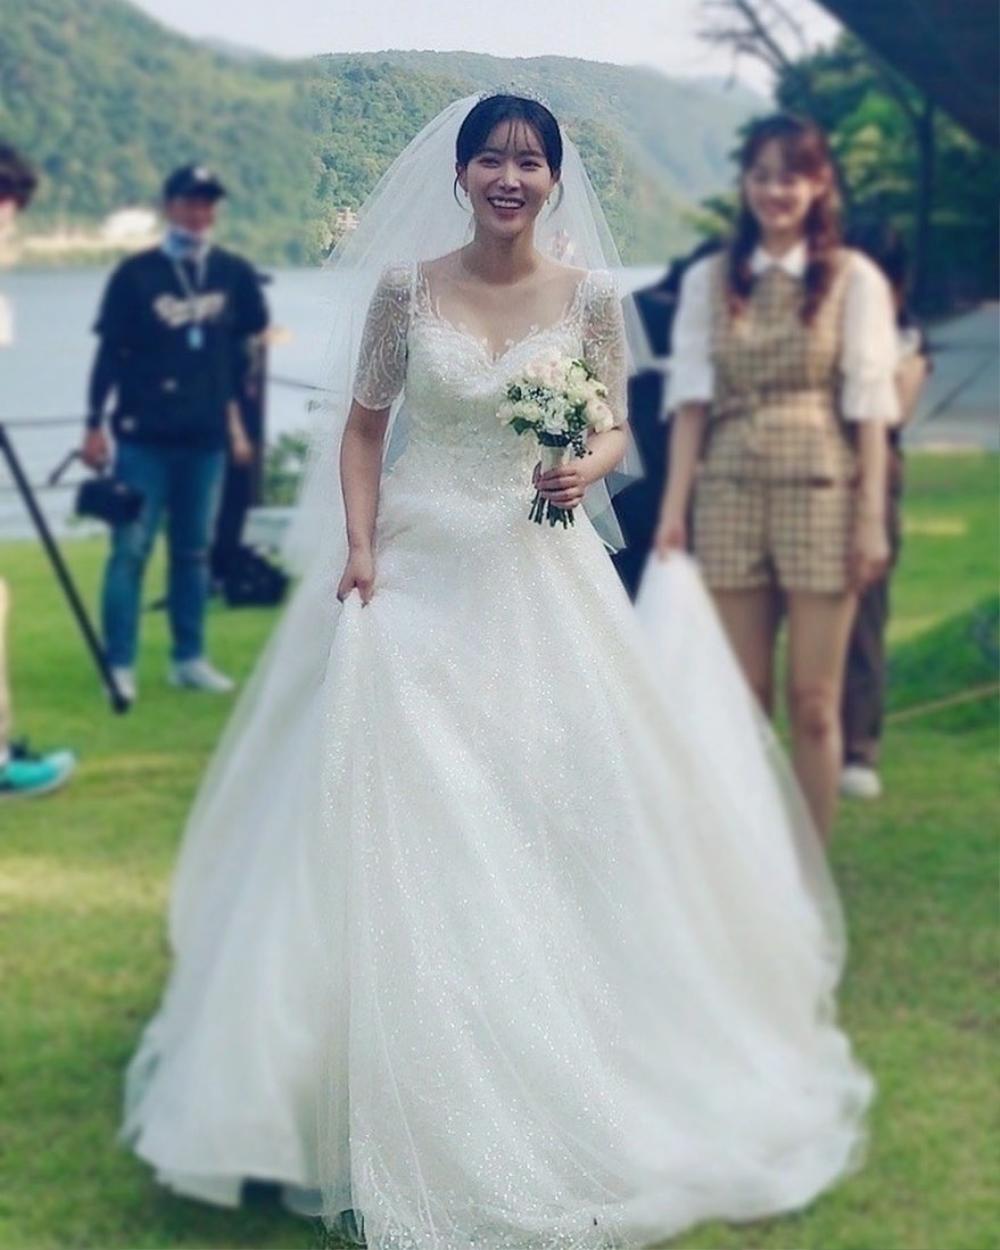 Lộ ảnh hôn lễ đẹp như cổ tích của Im Soo Hyang và Ha Seok Jin Ảnh 4